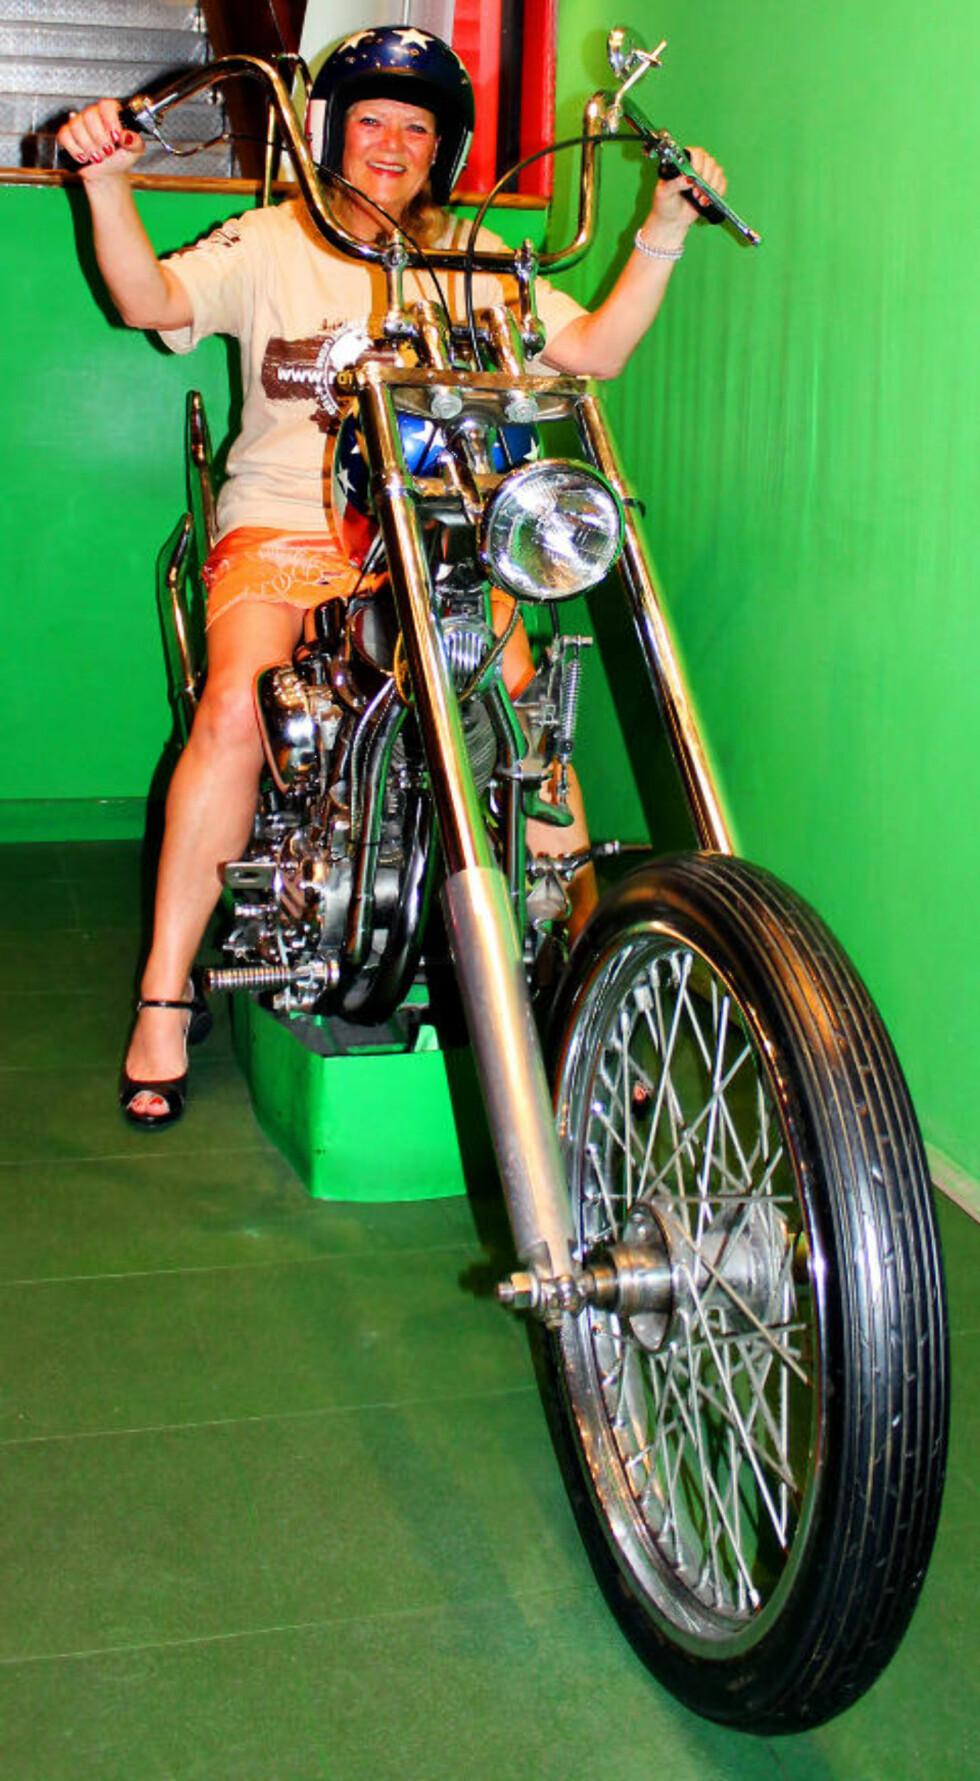 EASY RIDER: Motorsykkelen fra den kjente filmen står nå utstilt på Harley-Davidson Cafe. Foto: KIRSTEN MARGRETHE BUZZI